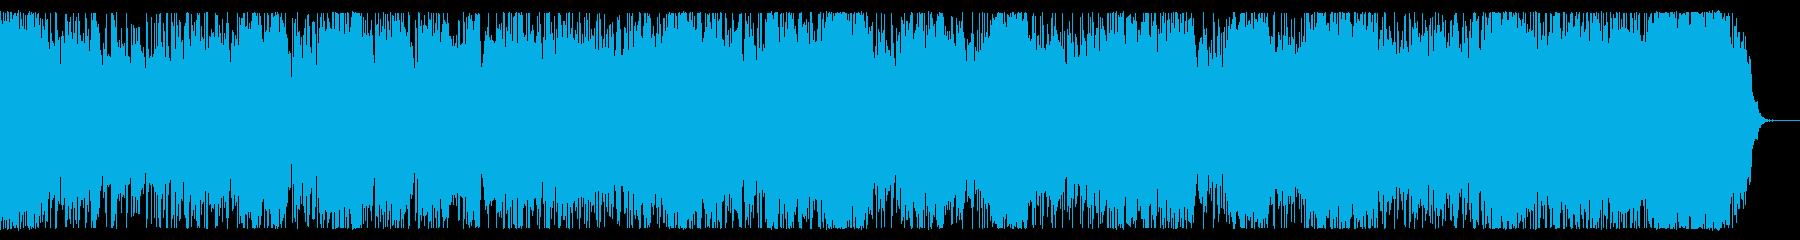 軽快なチップチューンの再生済みの波形